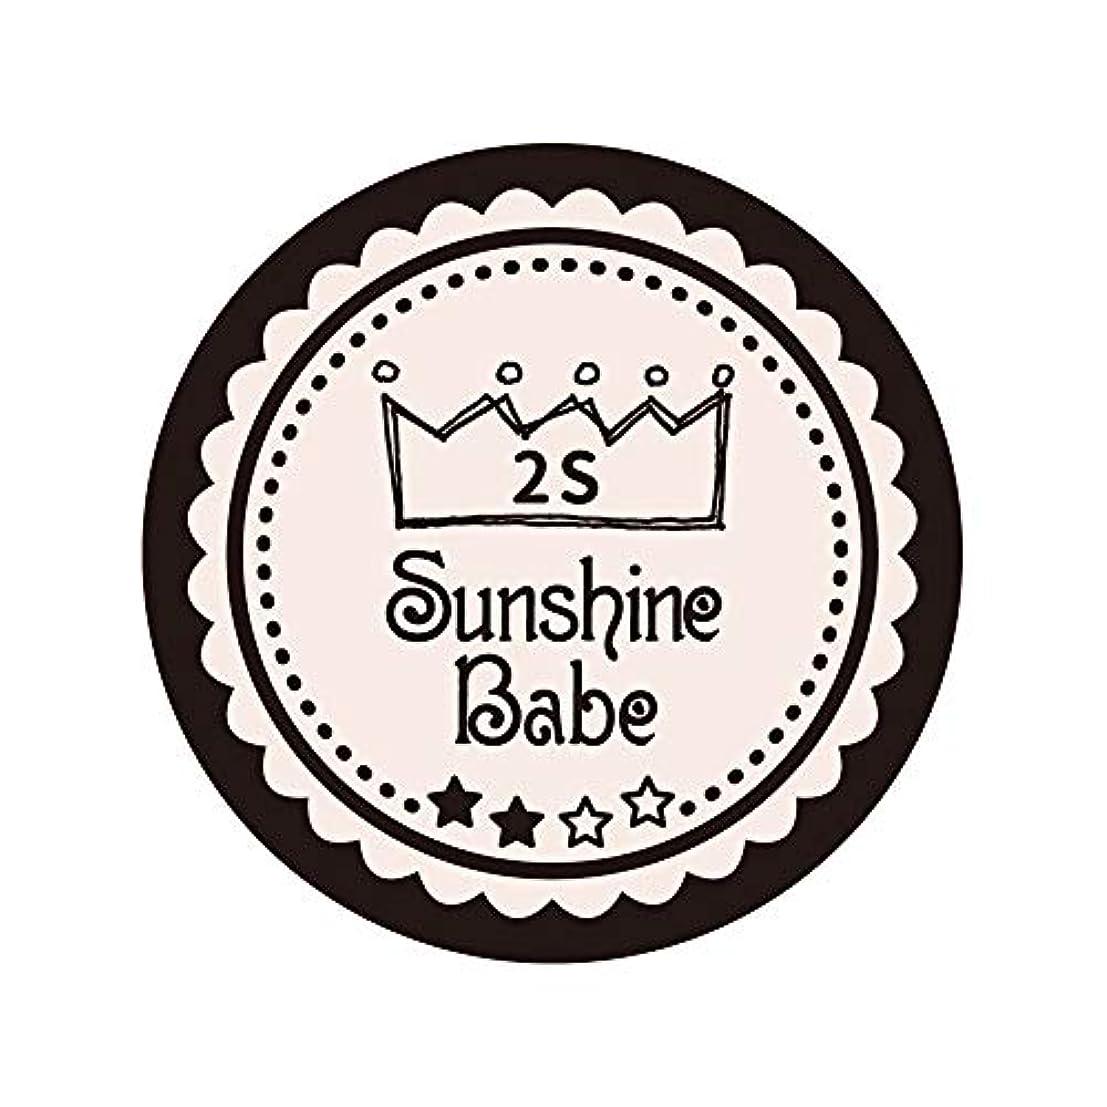 添付崩壊物理学者Sunshine Babe カラージェル 2S オールモーストモーブ 2.7g UV/LED対応